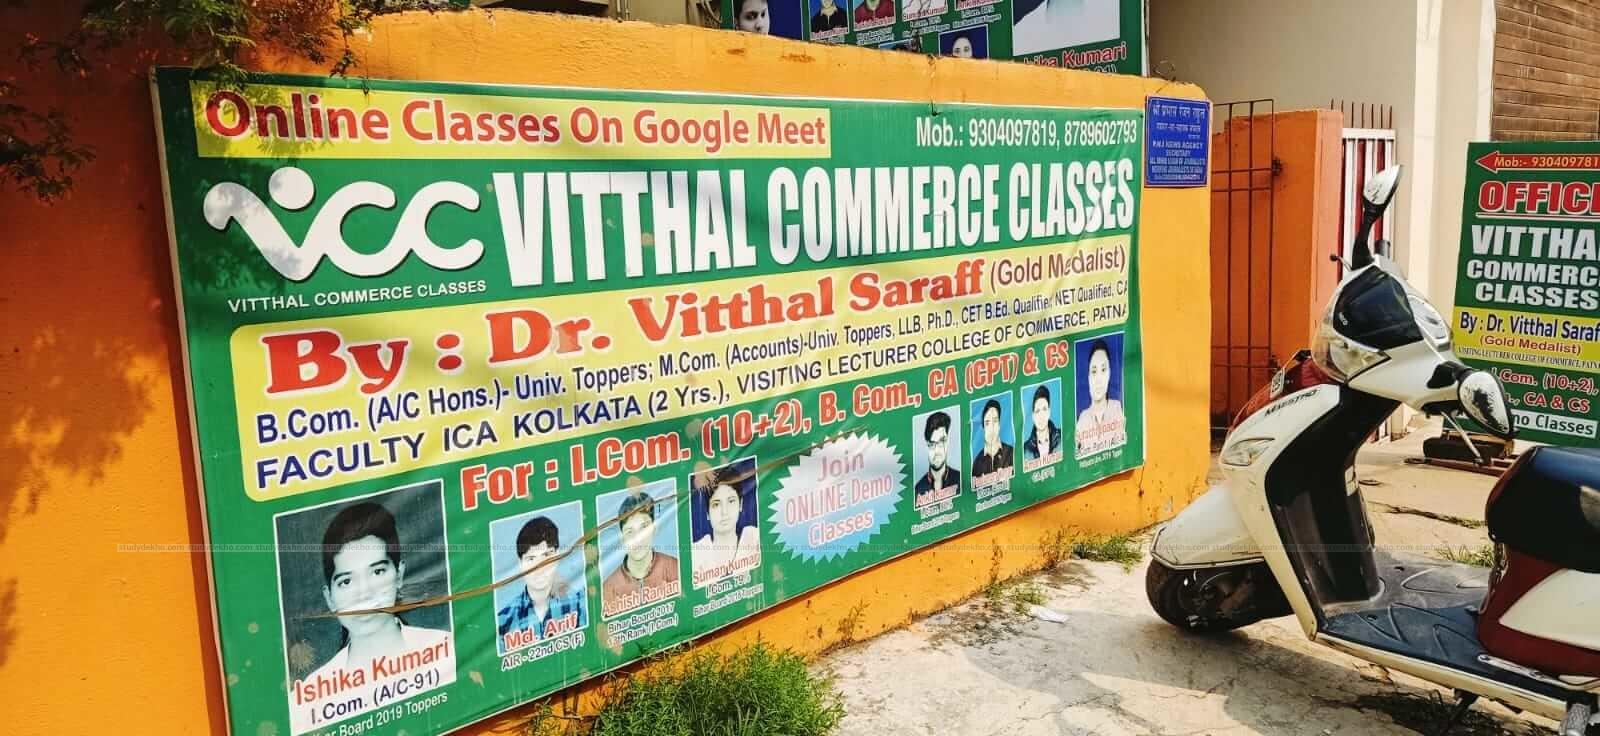 Vitthal Commerce Classes Logo